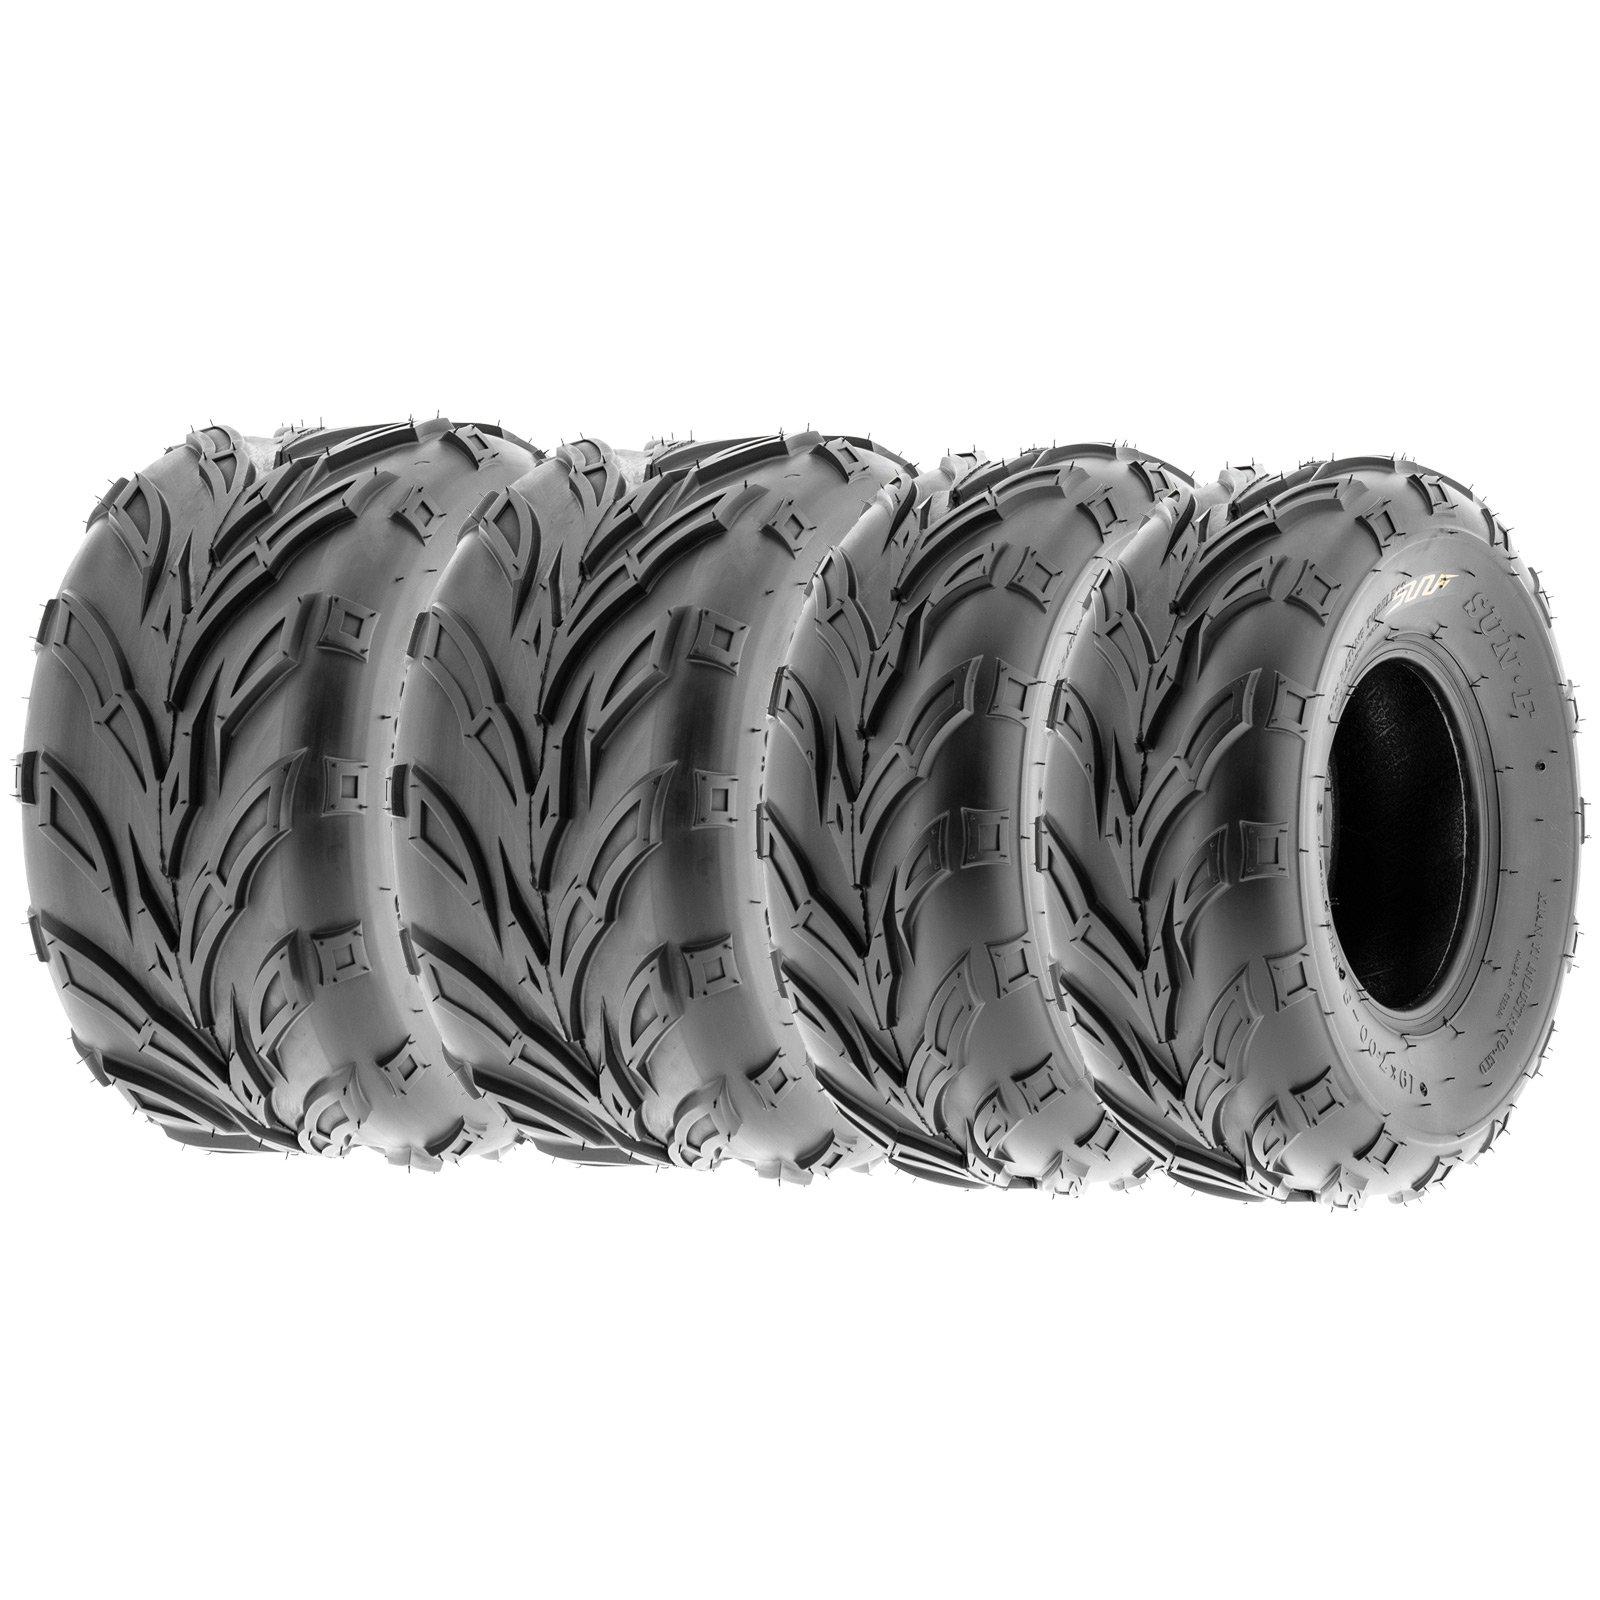 SunF Go Kart & ATV Tires 16x7-8 16x7x8 4 PR A004 (Full set of 4)